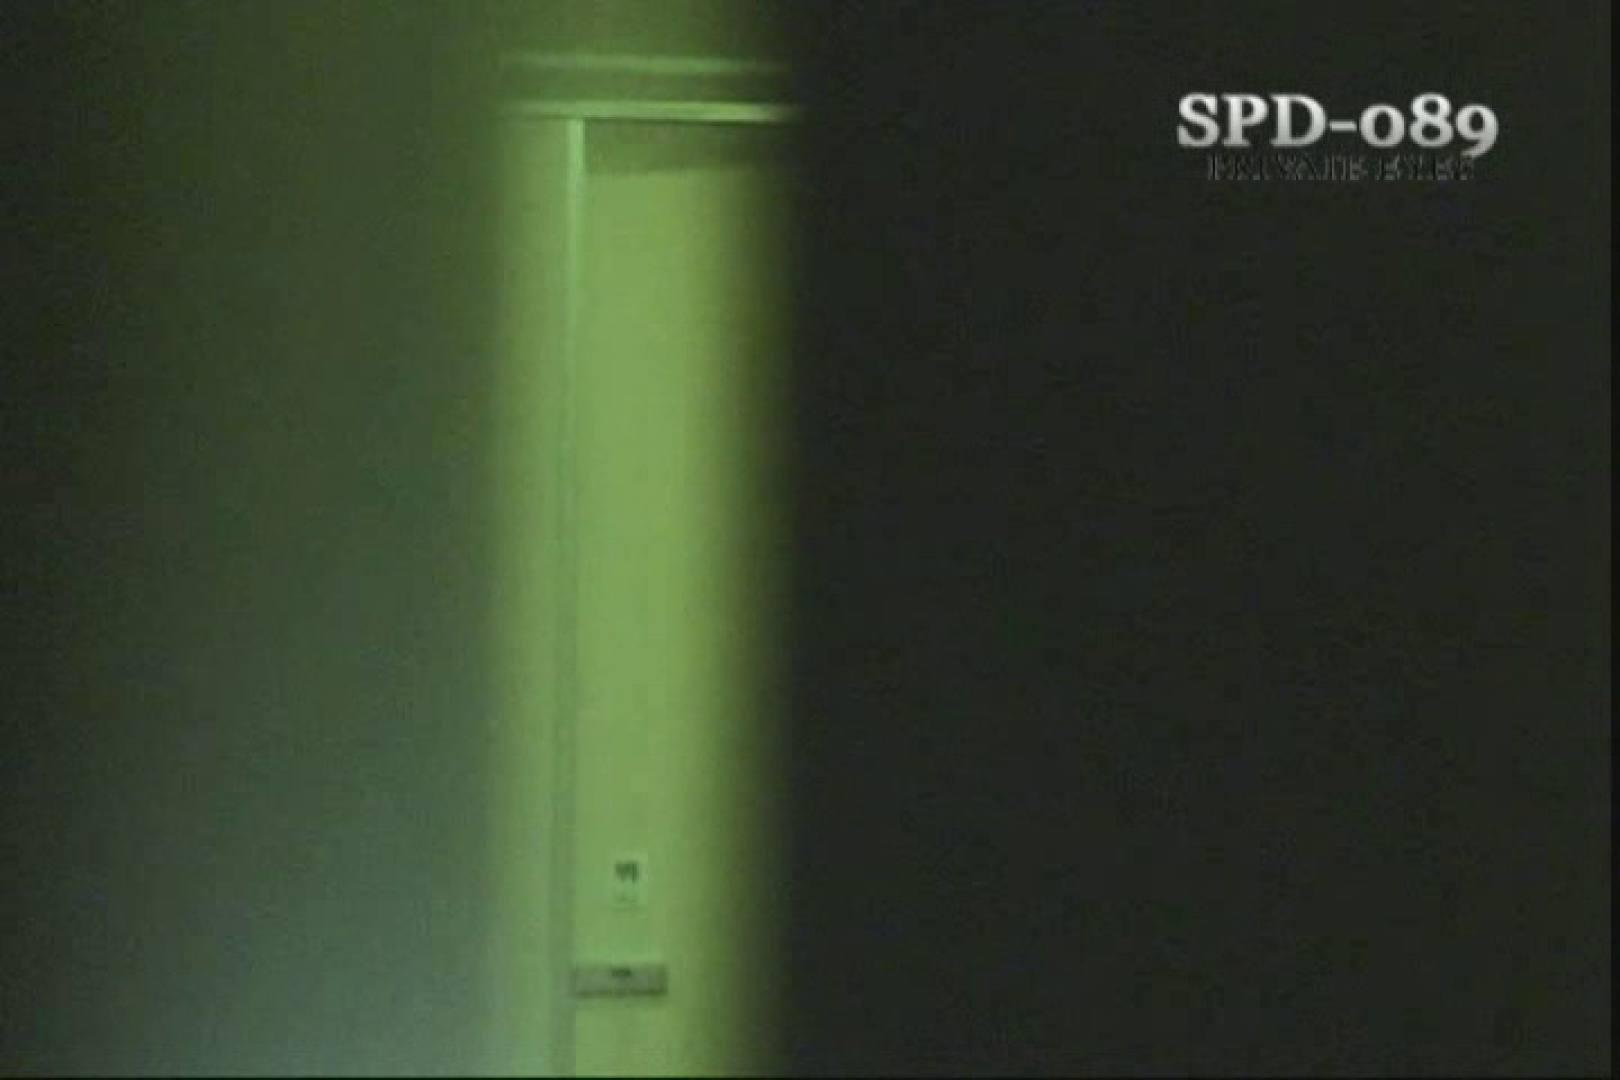 高画質版!SPD-089 厠の隙間 4 プライベート SEX無修正画像 68連発 42